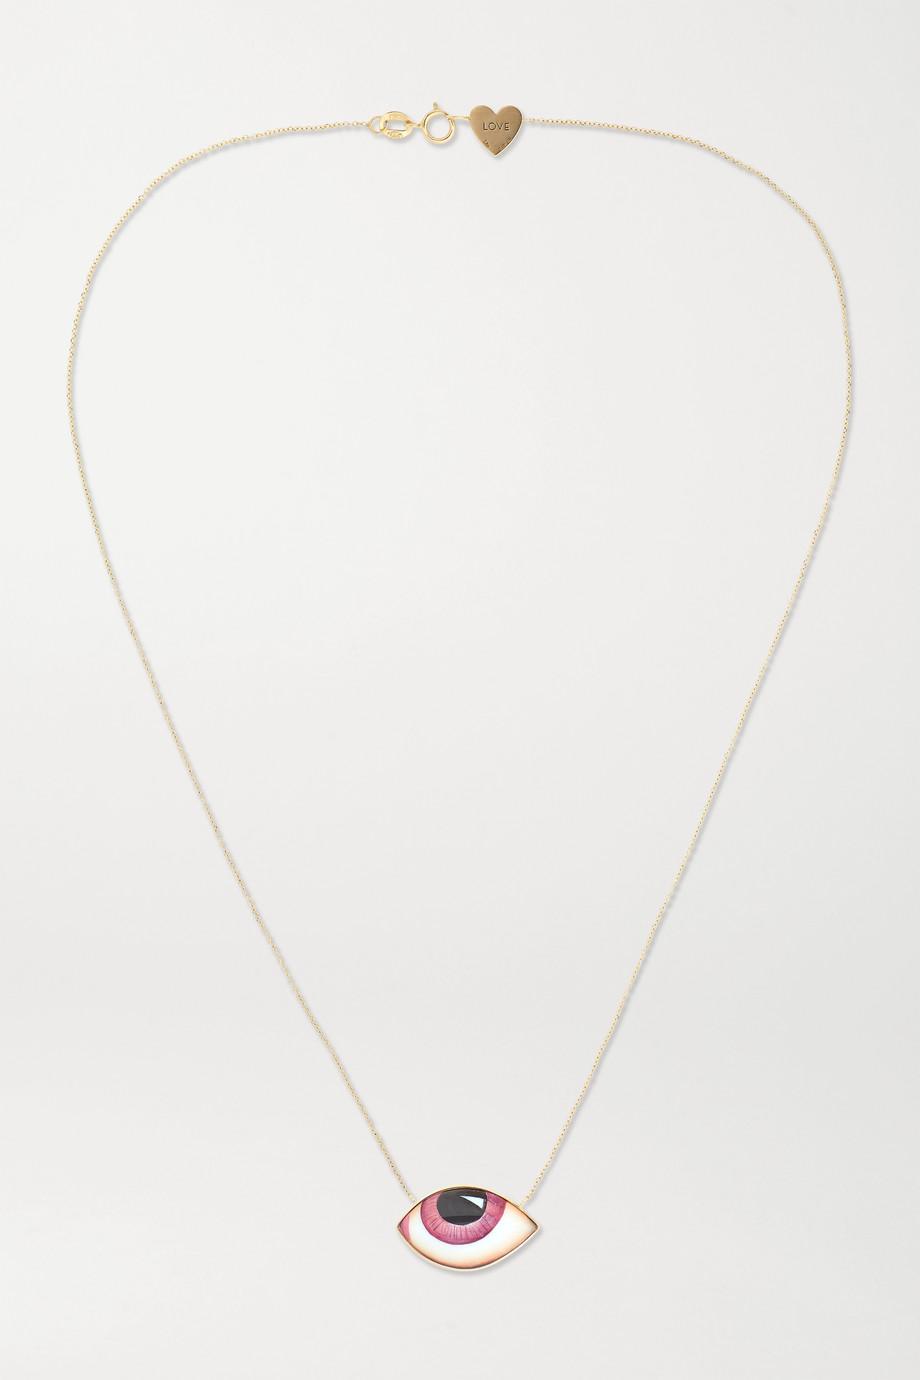 Lito + Racil Tu Es Partout 14-karat gold and enamel necklace